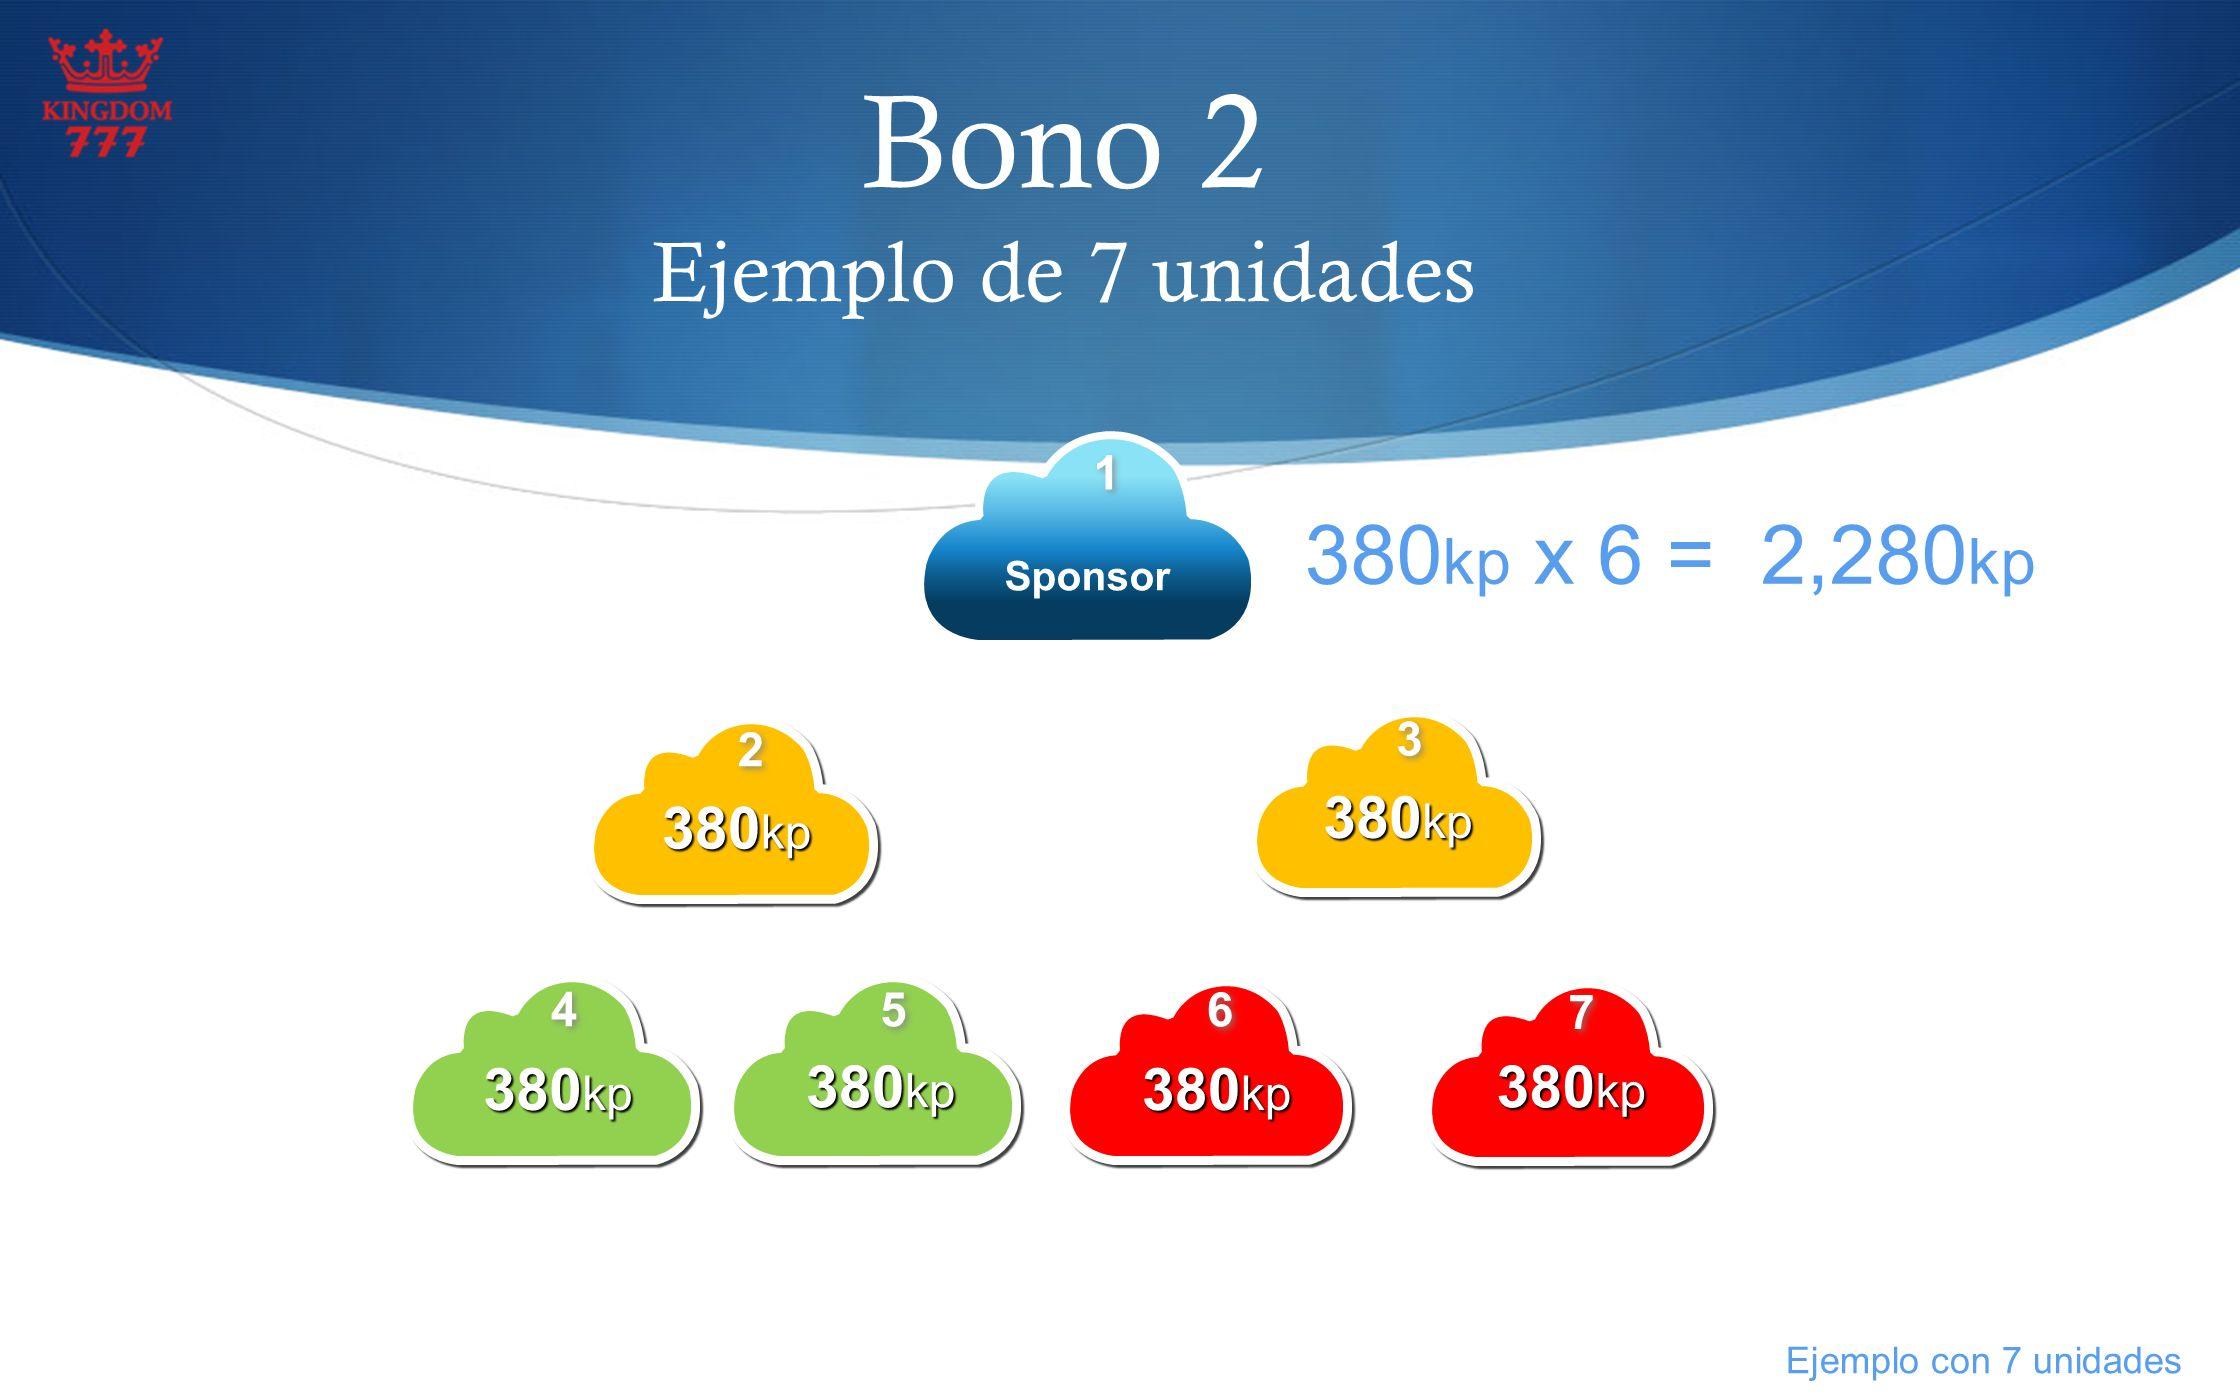 Bono 2 Ejemplo de 7 unidades 380 kp x 6= 2,280 kp 380 kp 2 2 3 3 4 4 5 5 6 6 7 7 Sponsor 1 1 380 kp x 6 = 2,280 kp Ejemplo con 7 unidades